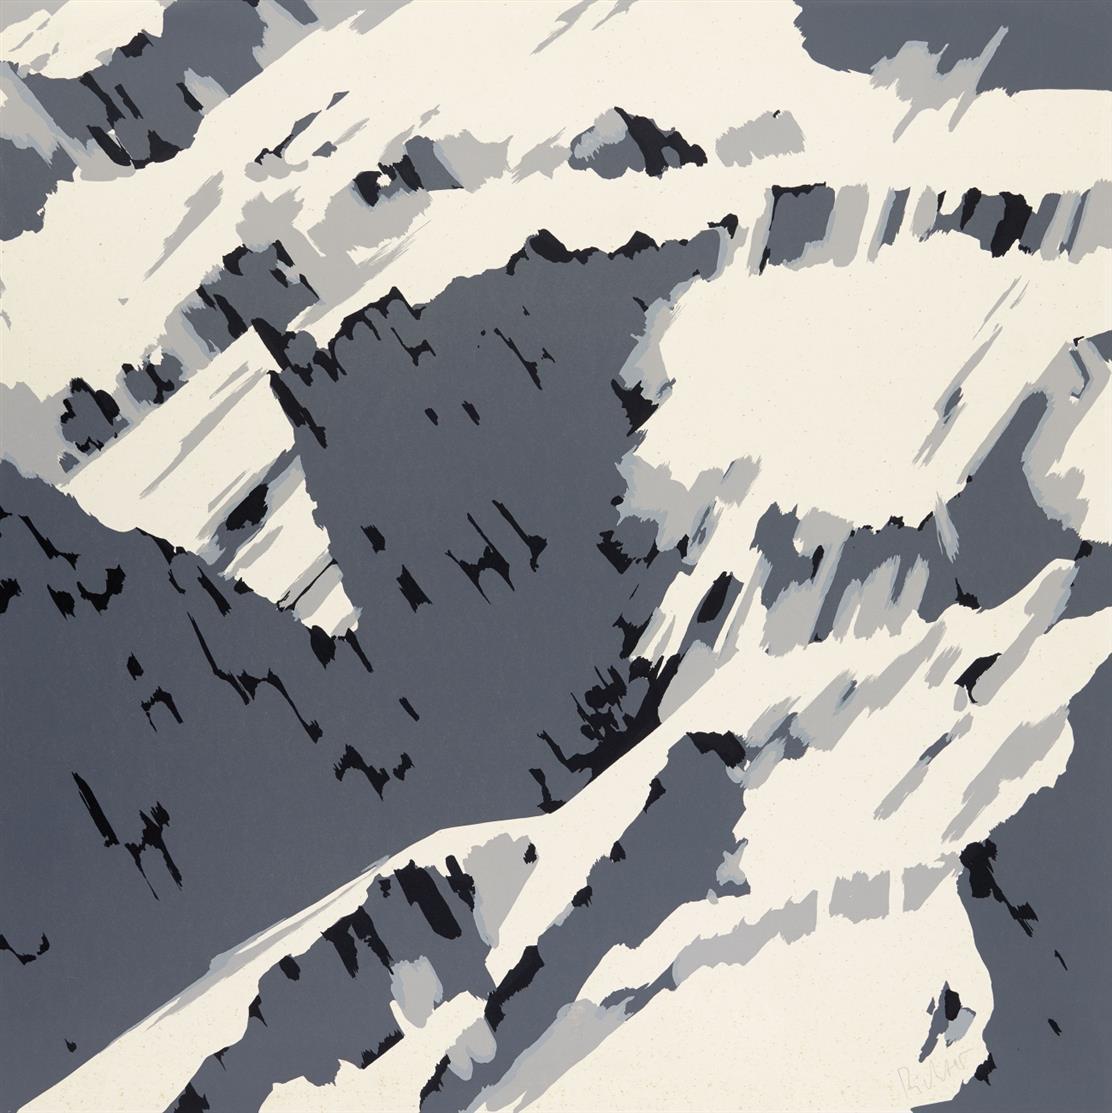 Gerhard Richter. Schweizer Alpen B2 (aus: Schweizer Alpen II). 1969. Siebdruck in Schwarz und zwei Grautönen. Signiert. Butin aus 21.